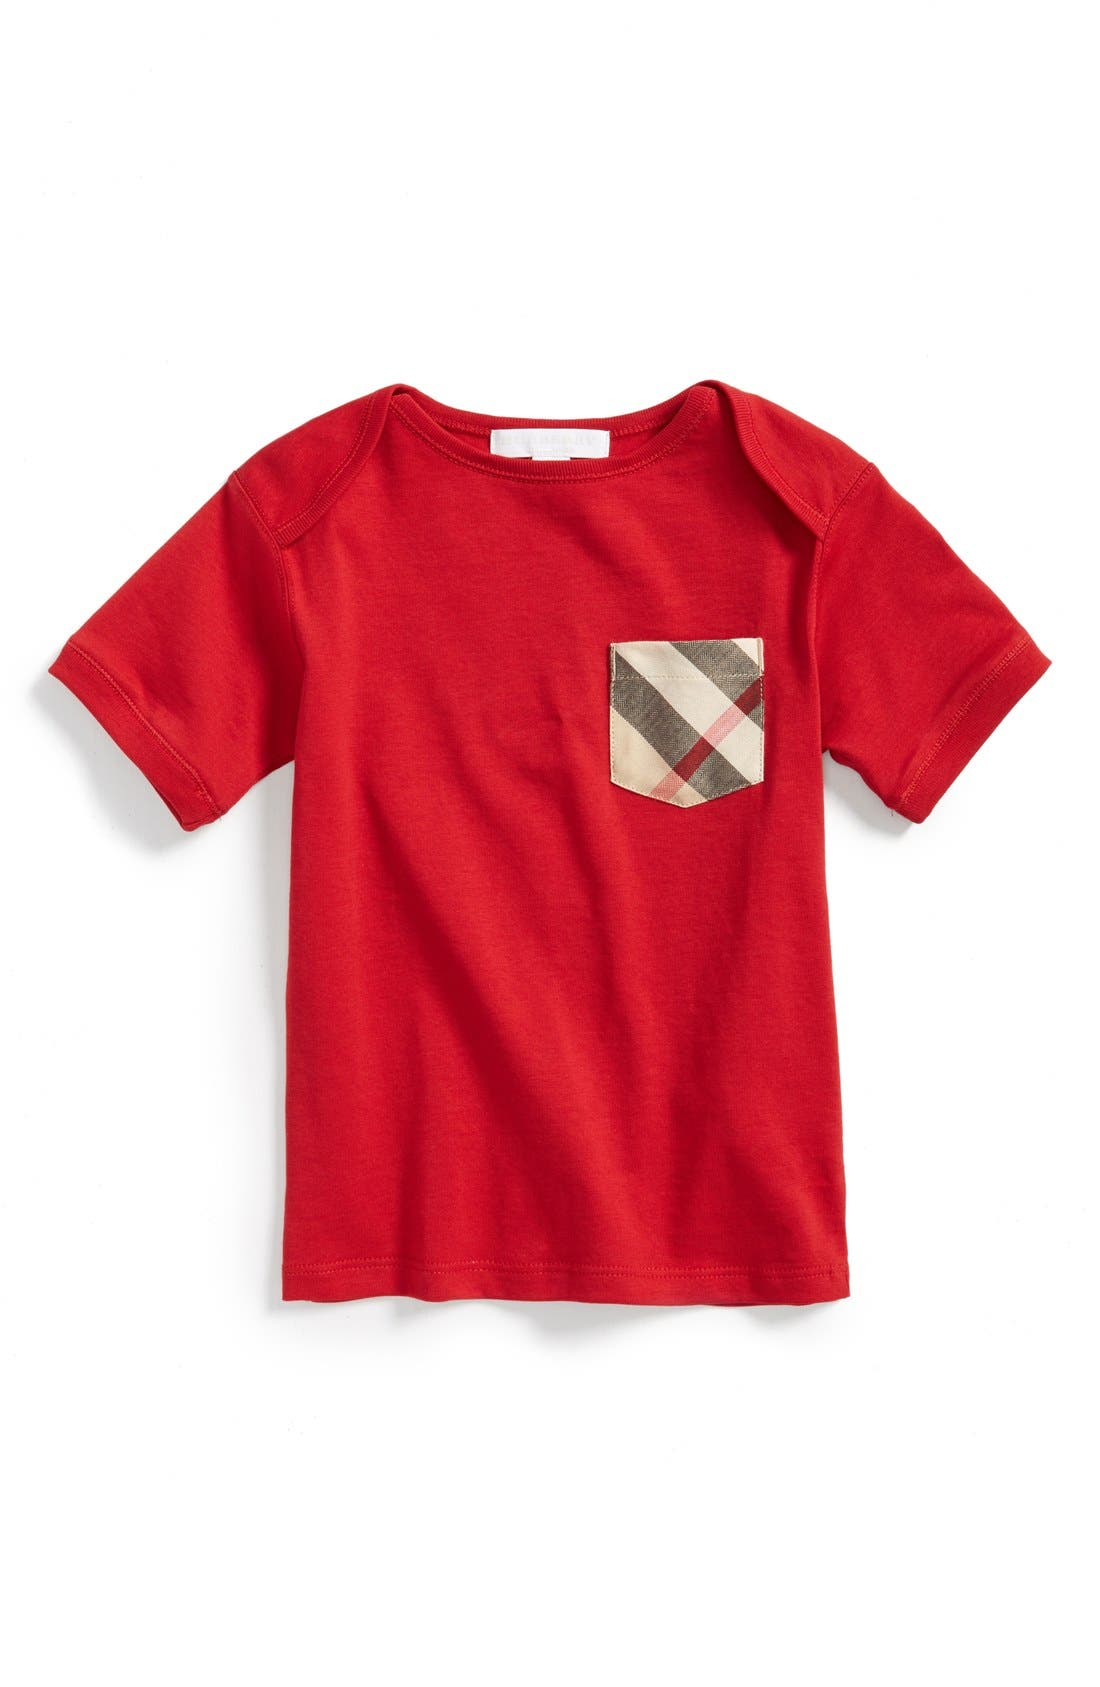 BURBERRY 'Callum' Check Pocket T-Shirt